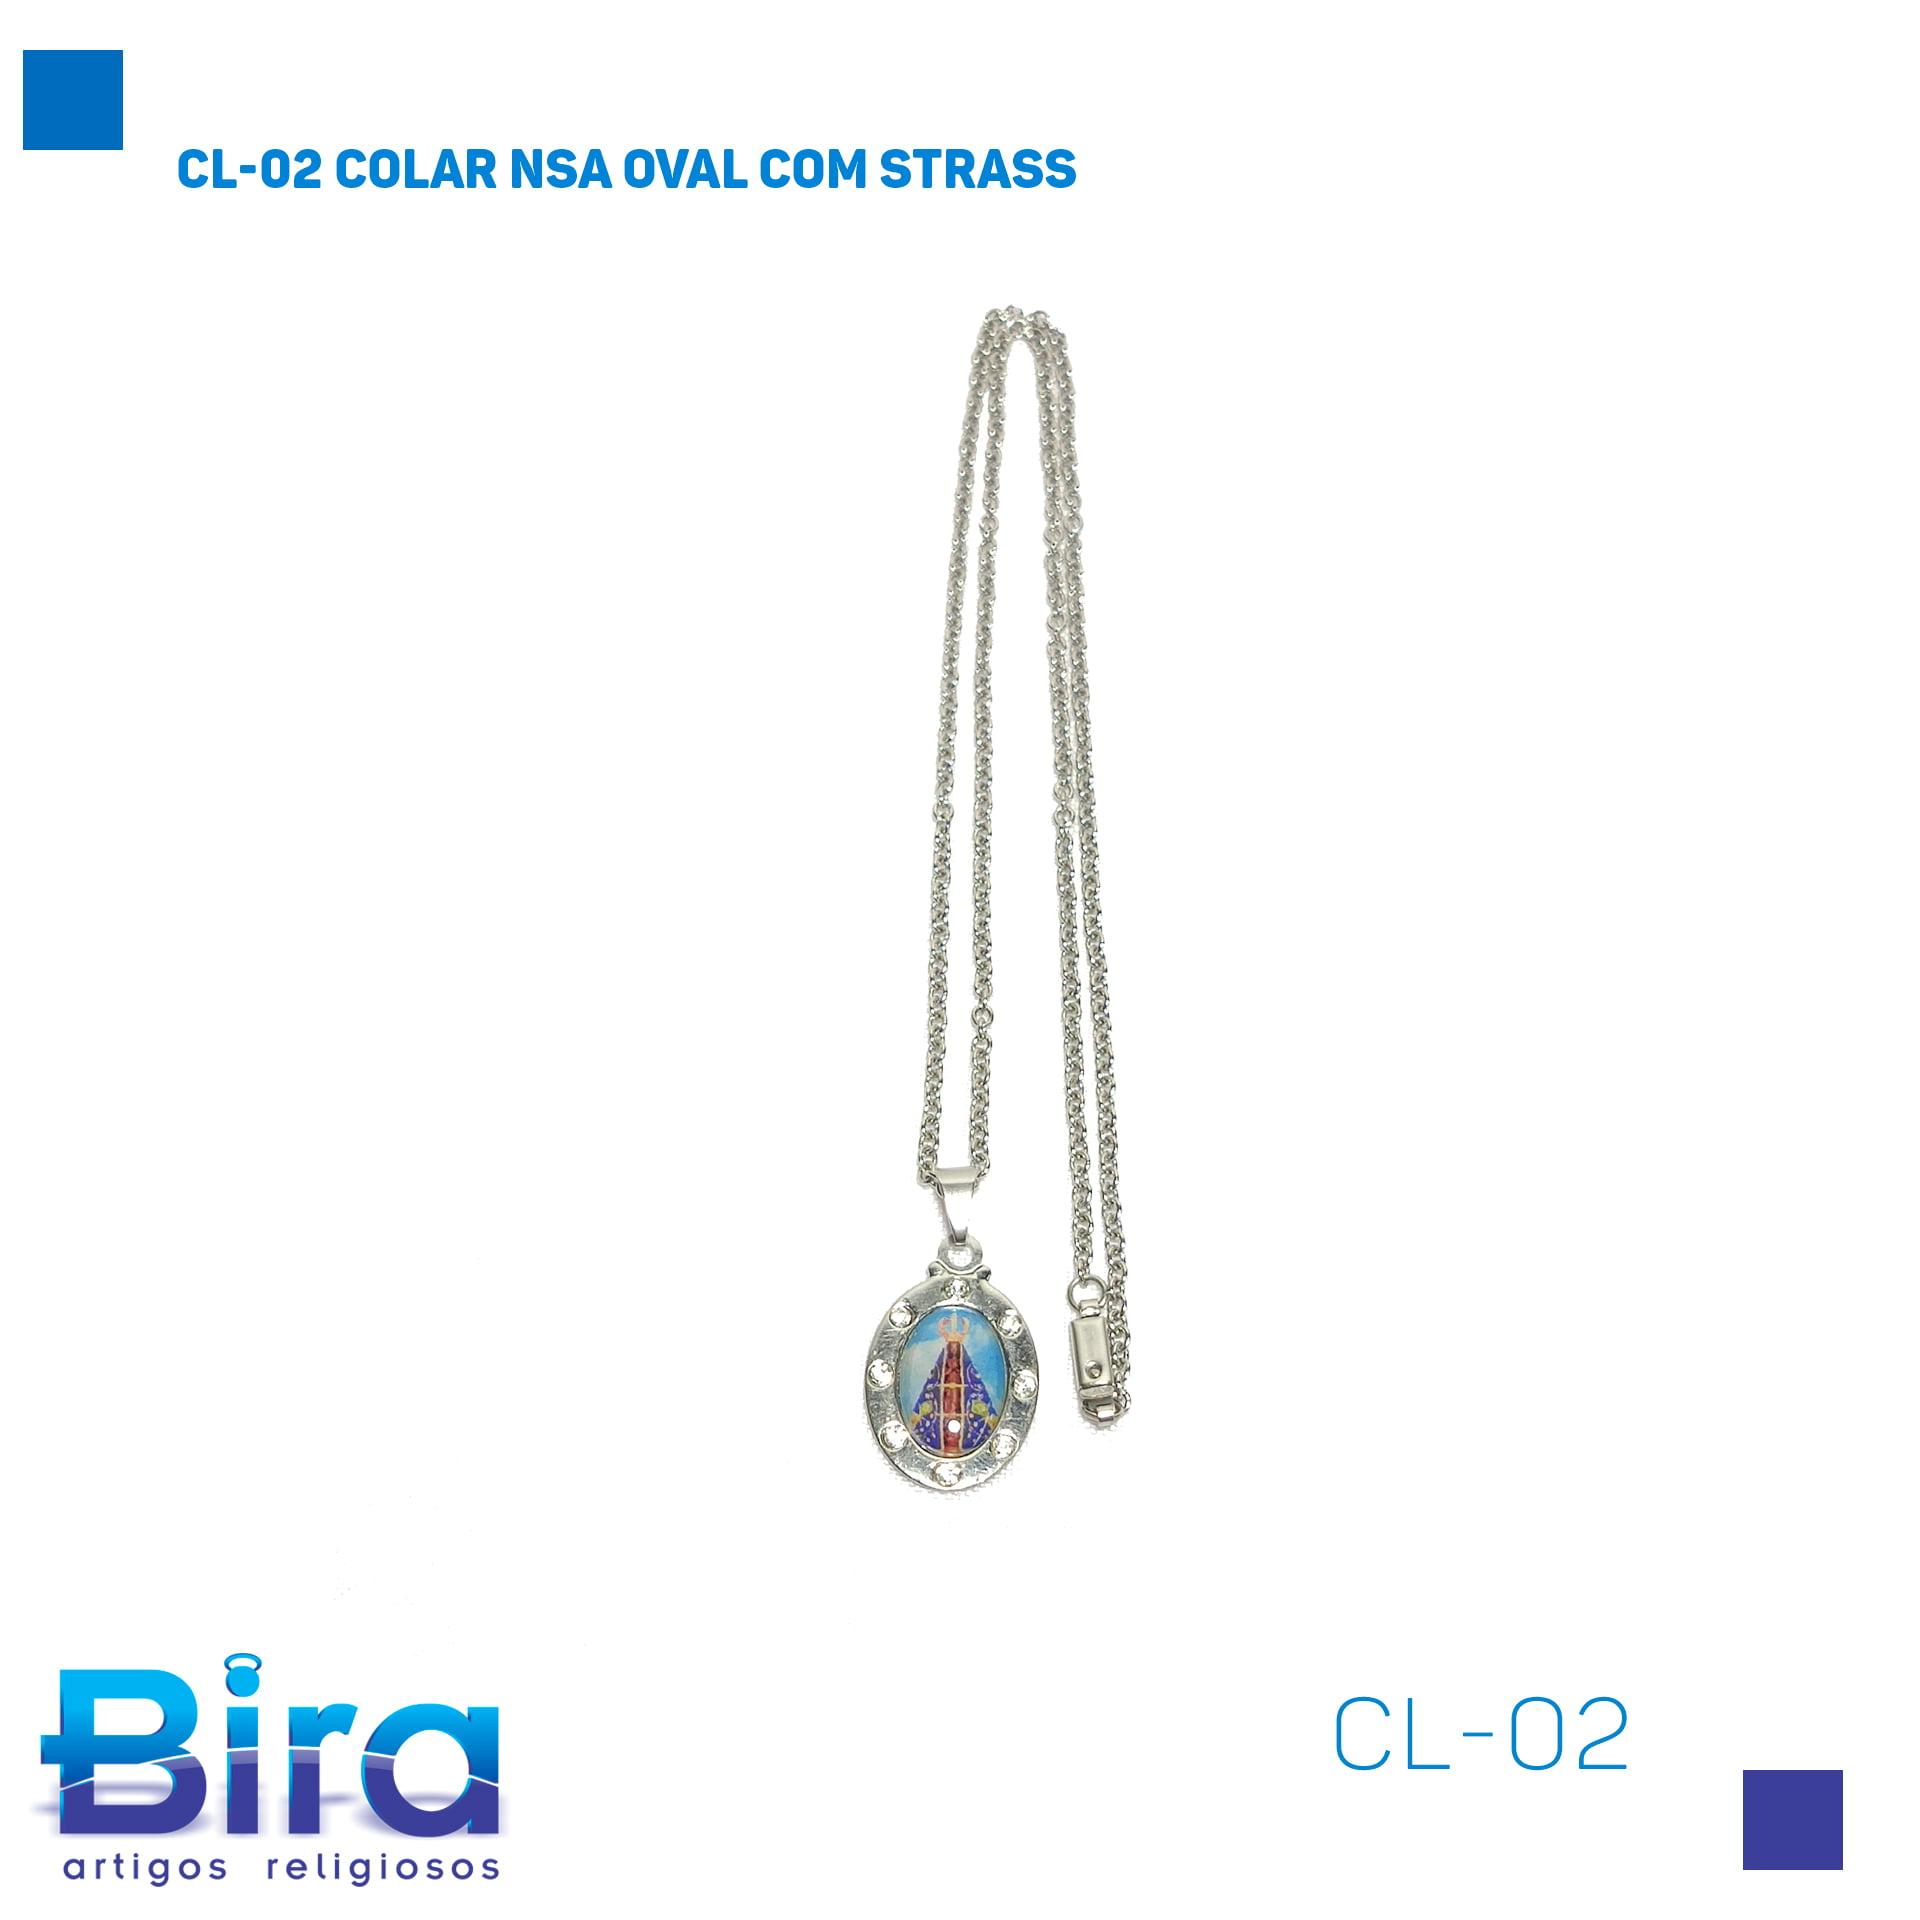 Bira Artigos Religiosos - CL-02 COLAR NSA OVAL COM STRASS Cod. CL-02